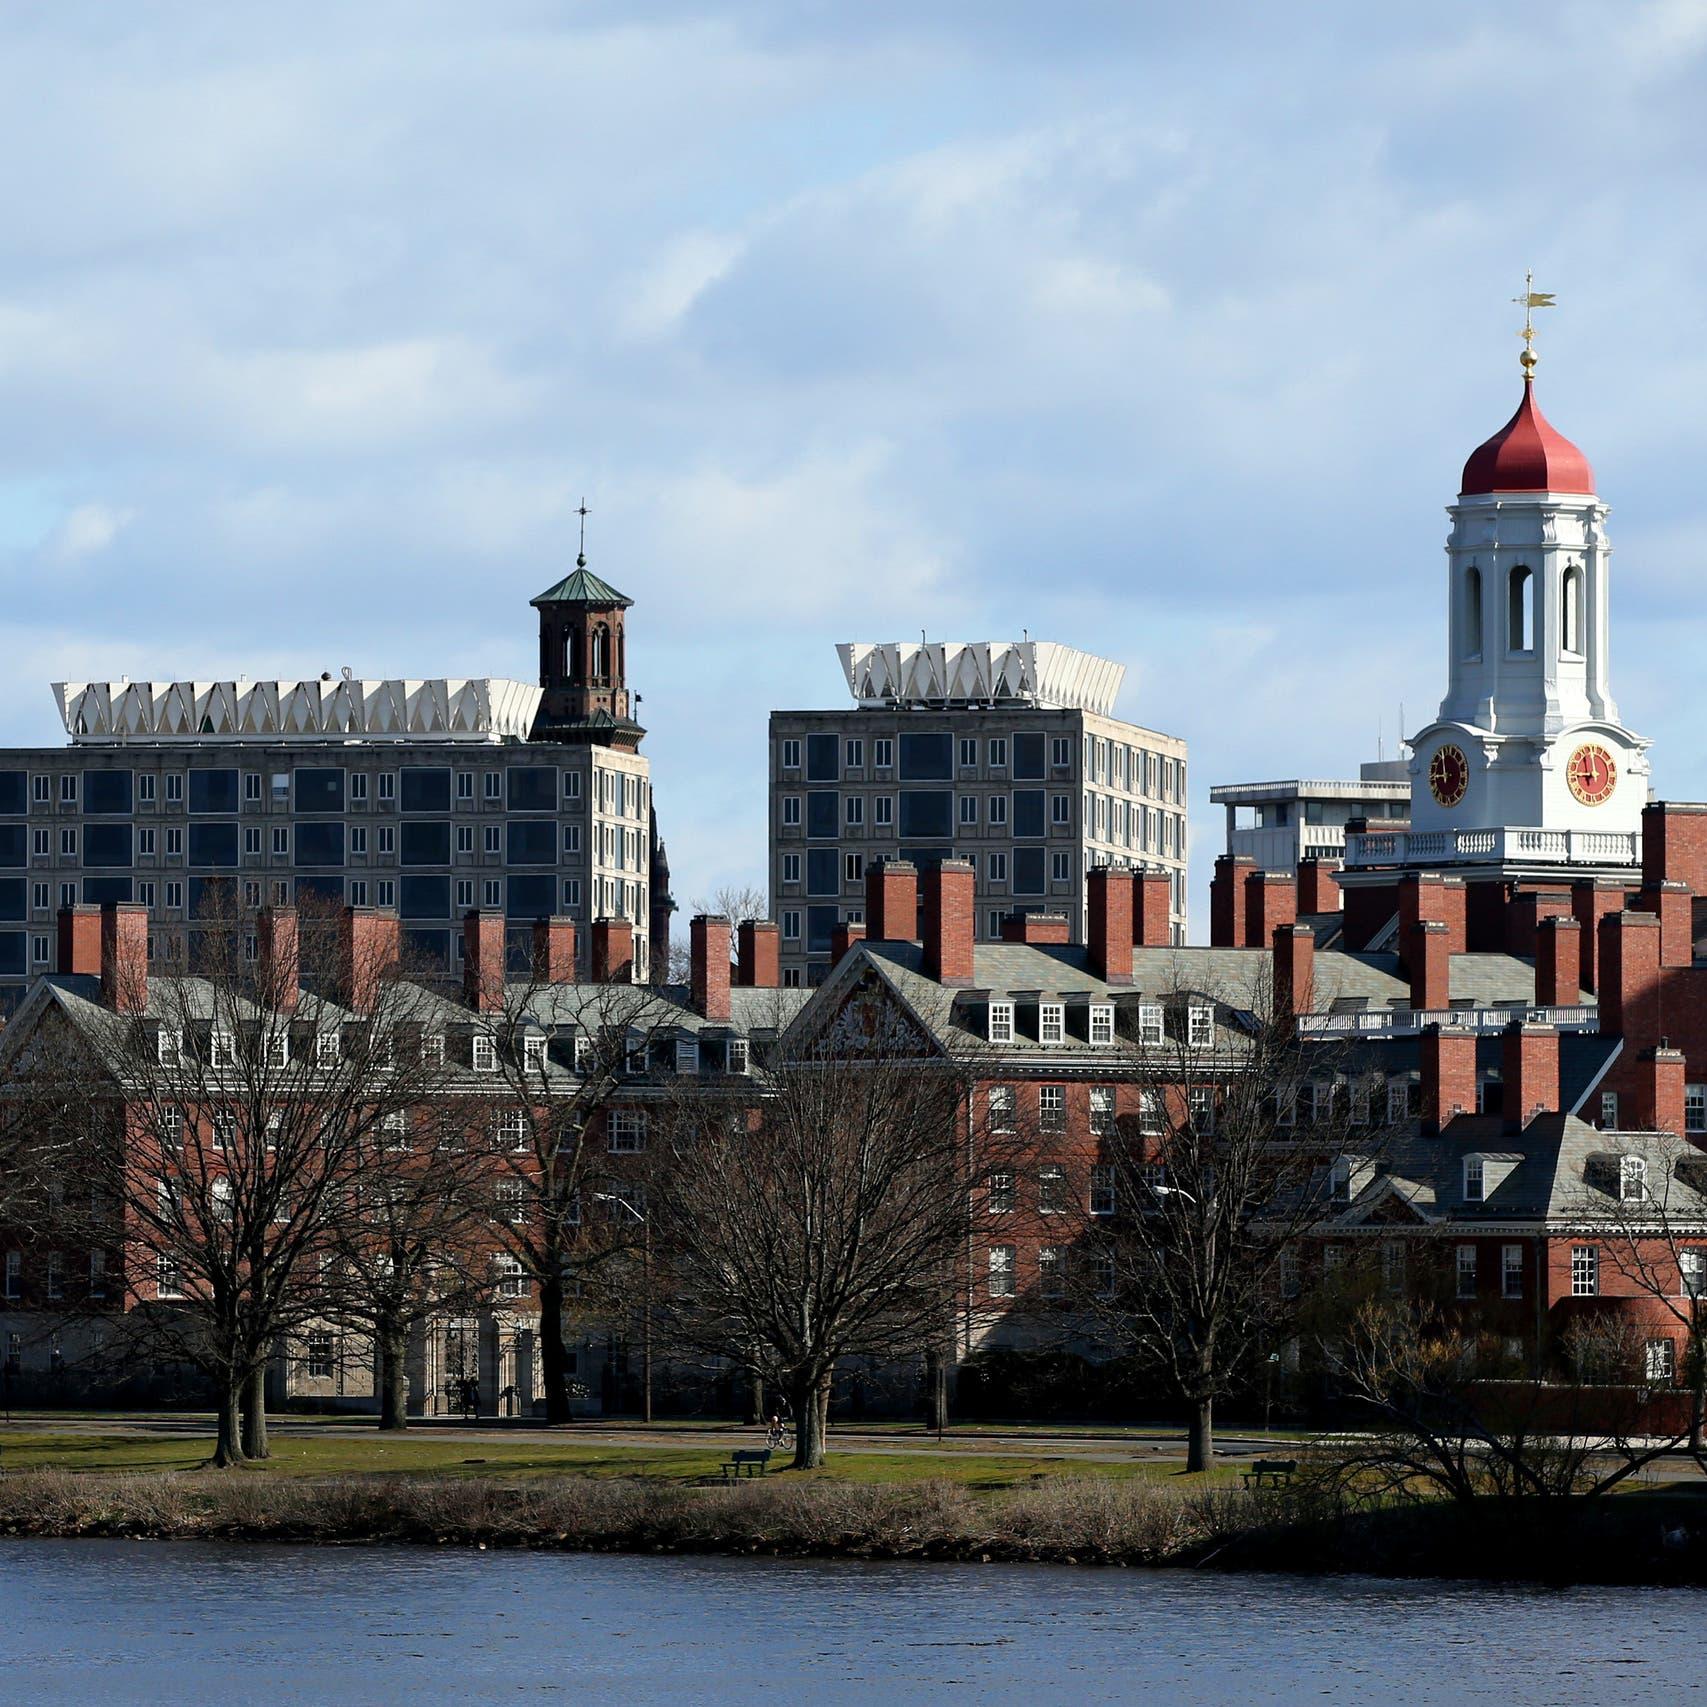 أول جامعة تفعلها.. كمبردج تصدر قرارا بشأن العام القادم